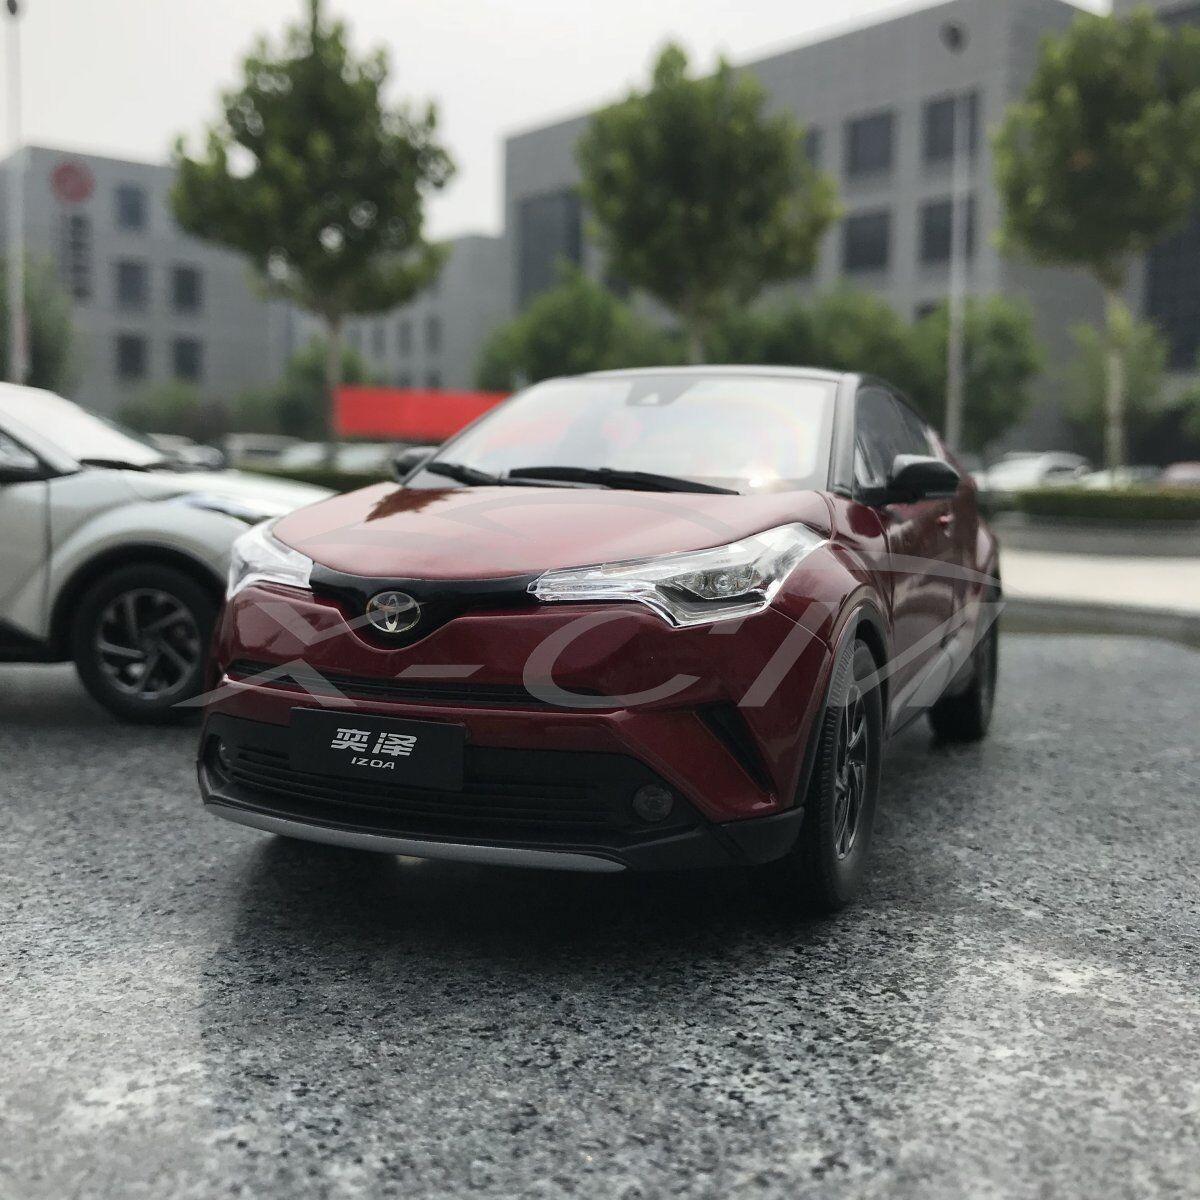 Diecast Car Model Toyota IZOA Izoa 1 18 (Red) + GIFT